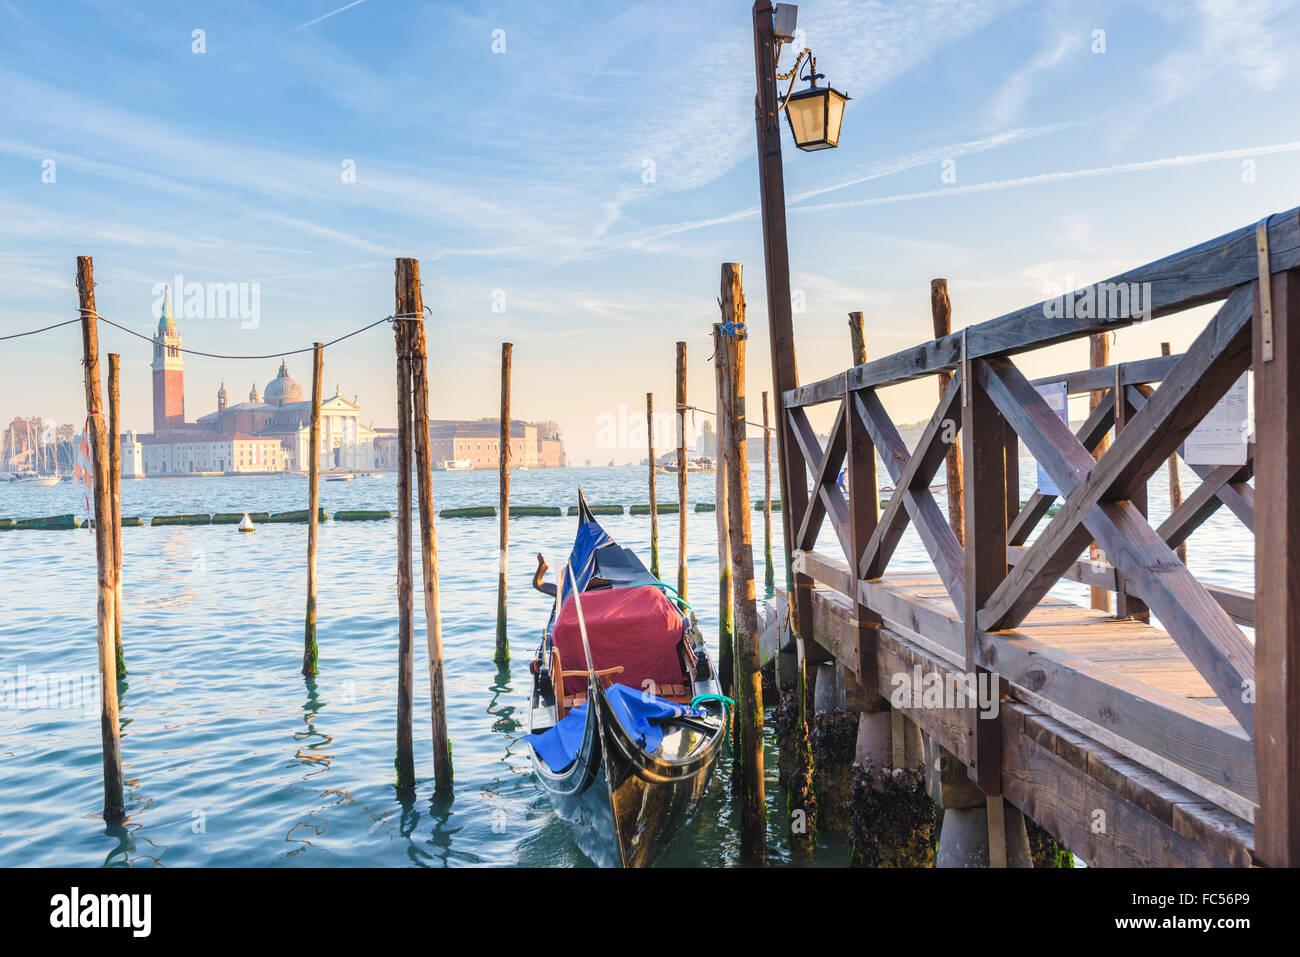 La vie de la rue de Venise. Venise, Italie Photo Stock